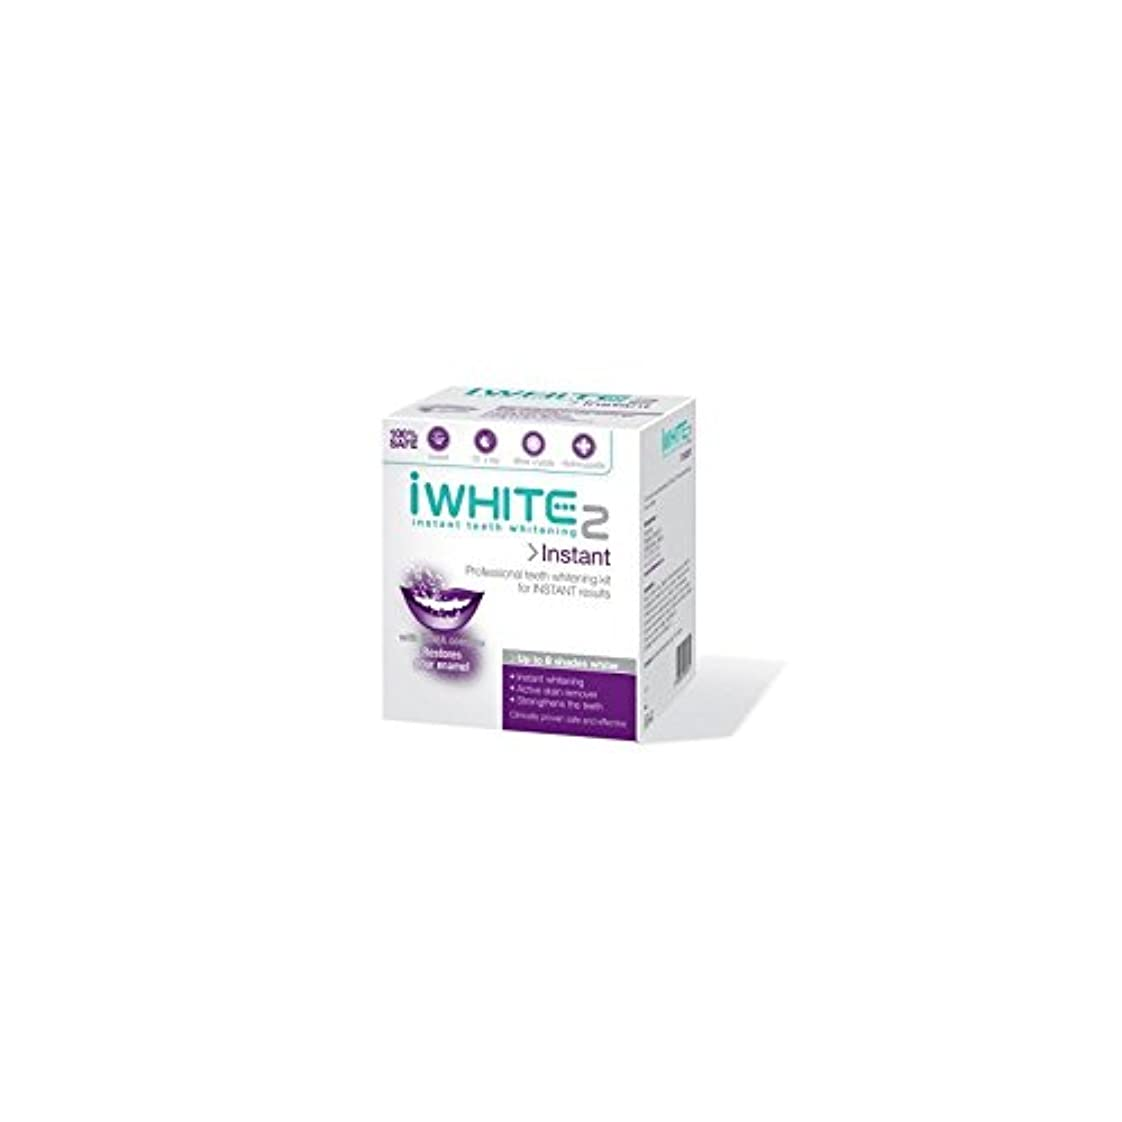 幹連帯感情iWhite Instant 2 Professional Teeth Whitening Kit (10 Trays) - インスタントキットを白く2本のプロ歯(10トレイ) [並行輸入品]